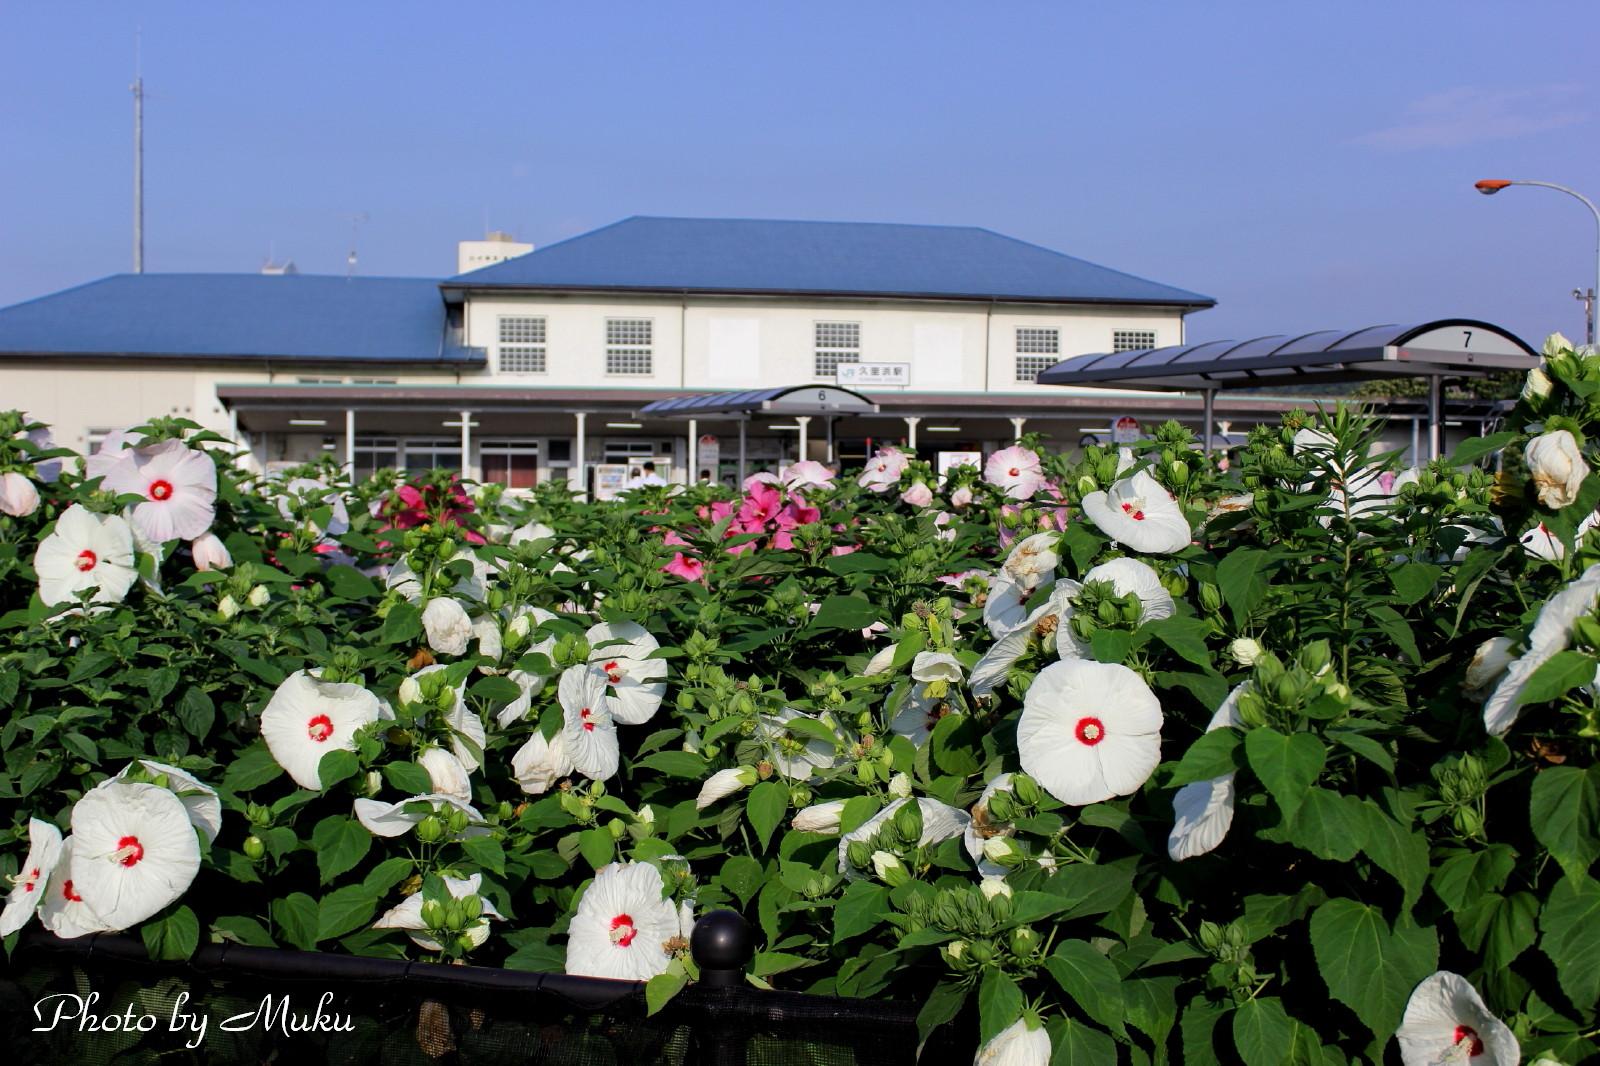 20132014/07/15 アメリカ芙蓉(JR久里浜駅:神奈川県横須賀市)